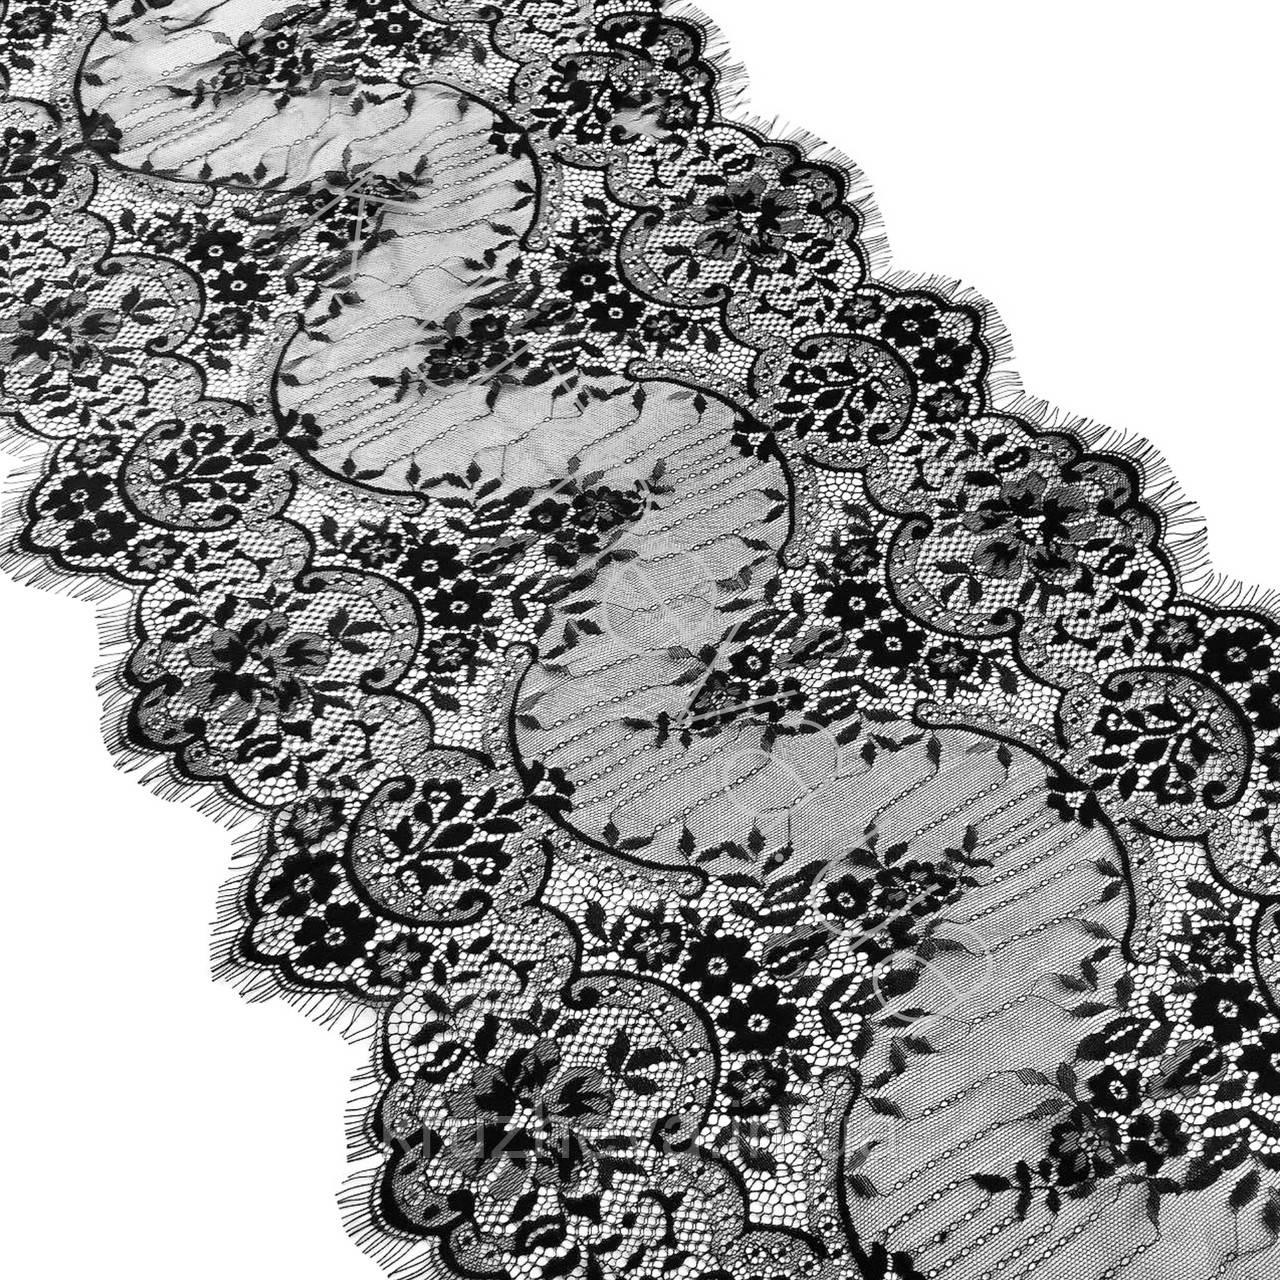 Ажурне французьке мереживо шантильї (з віями) чорного кольору шириною 44 см, довжина купона 3,0 м.